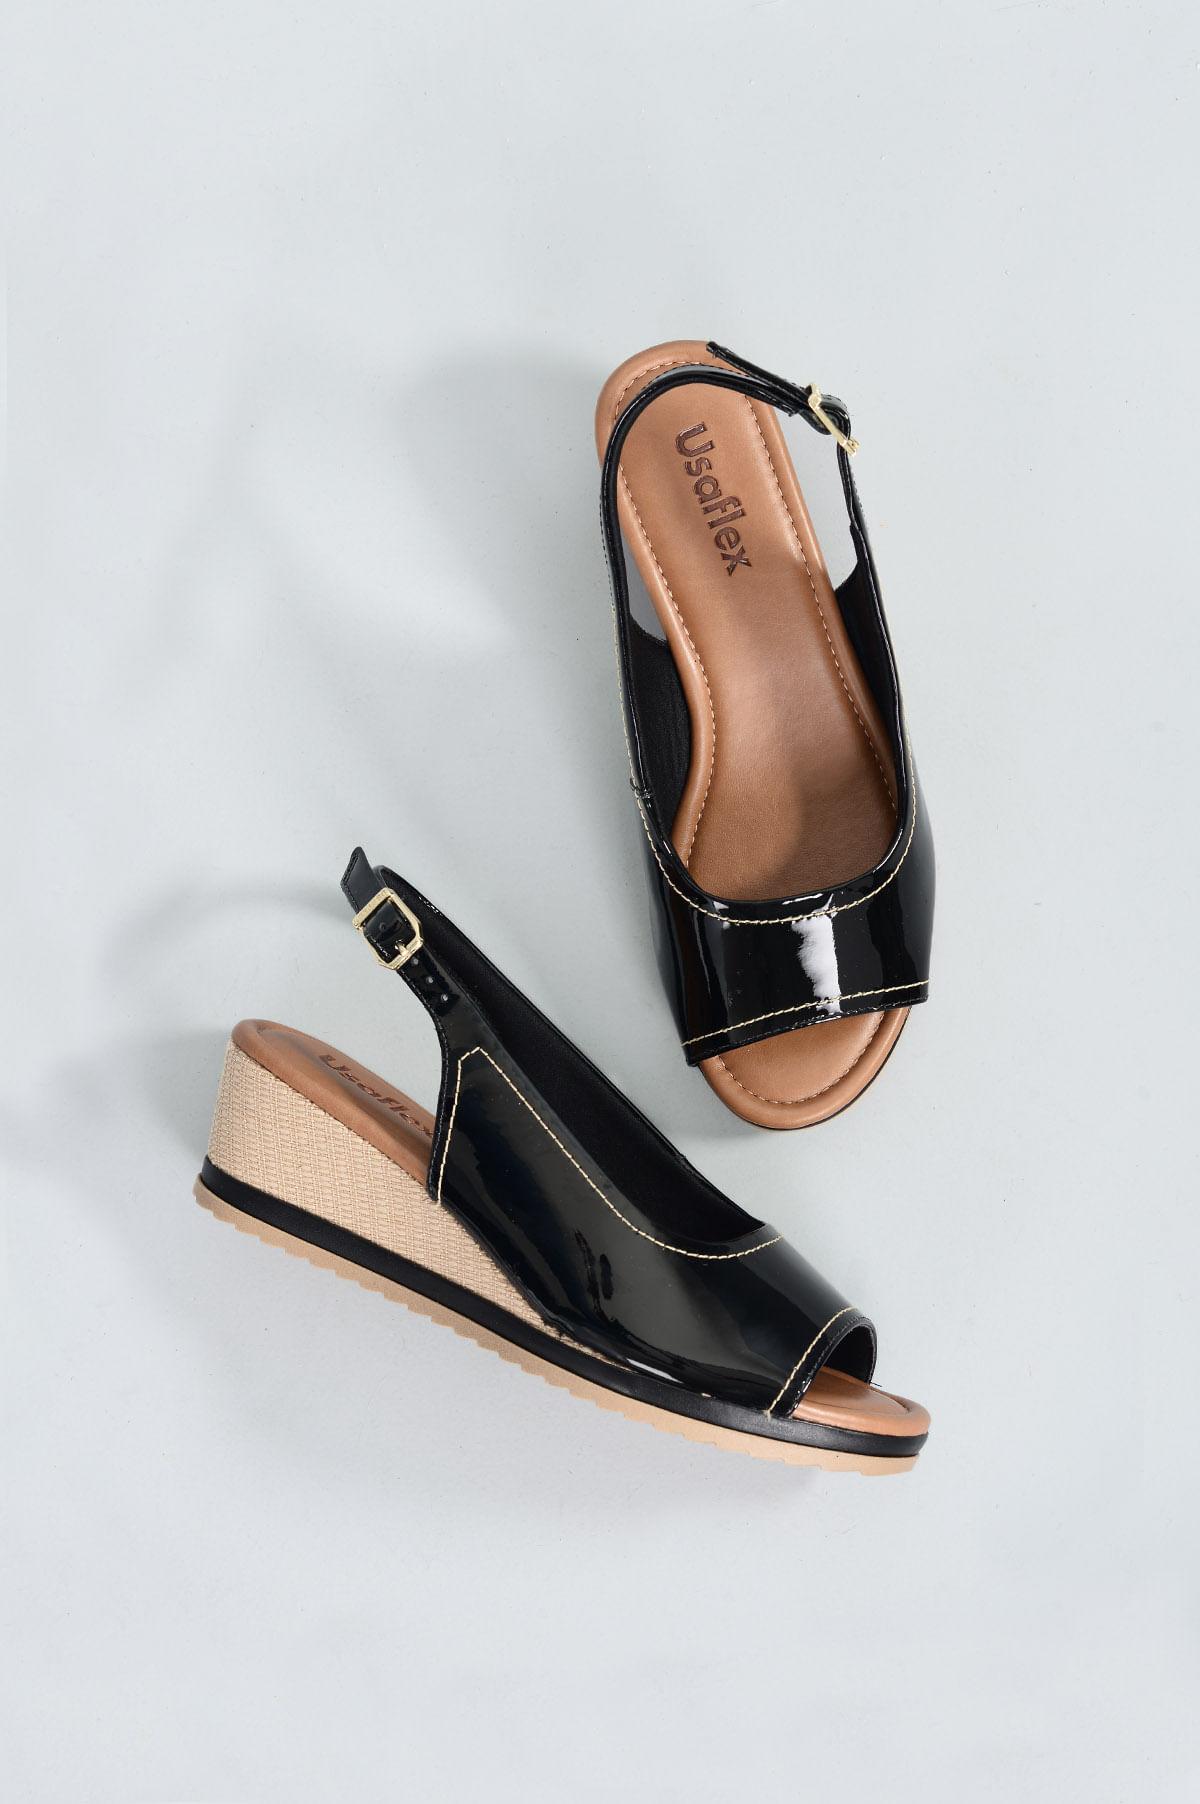 65e1c0d9c Sandália Feminina Anabela Yone Usaflex VERNIZ PRETO - Mundial Calçados